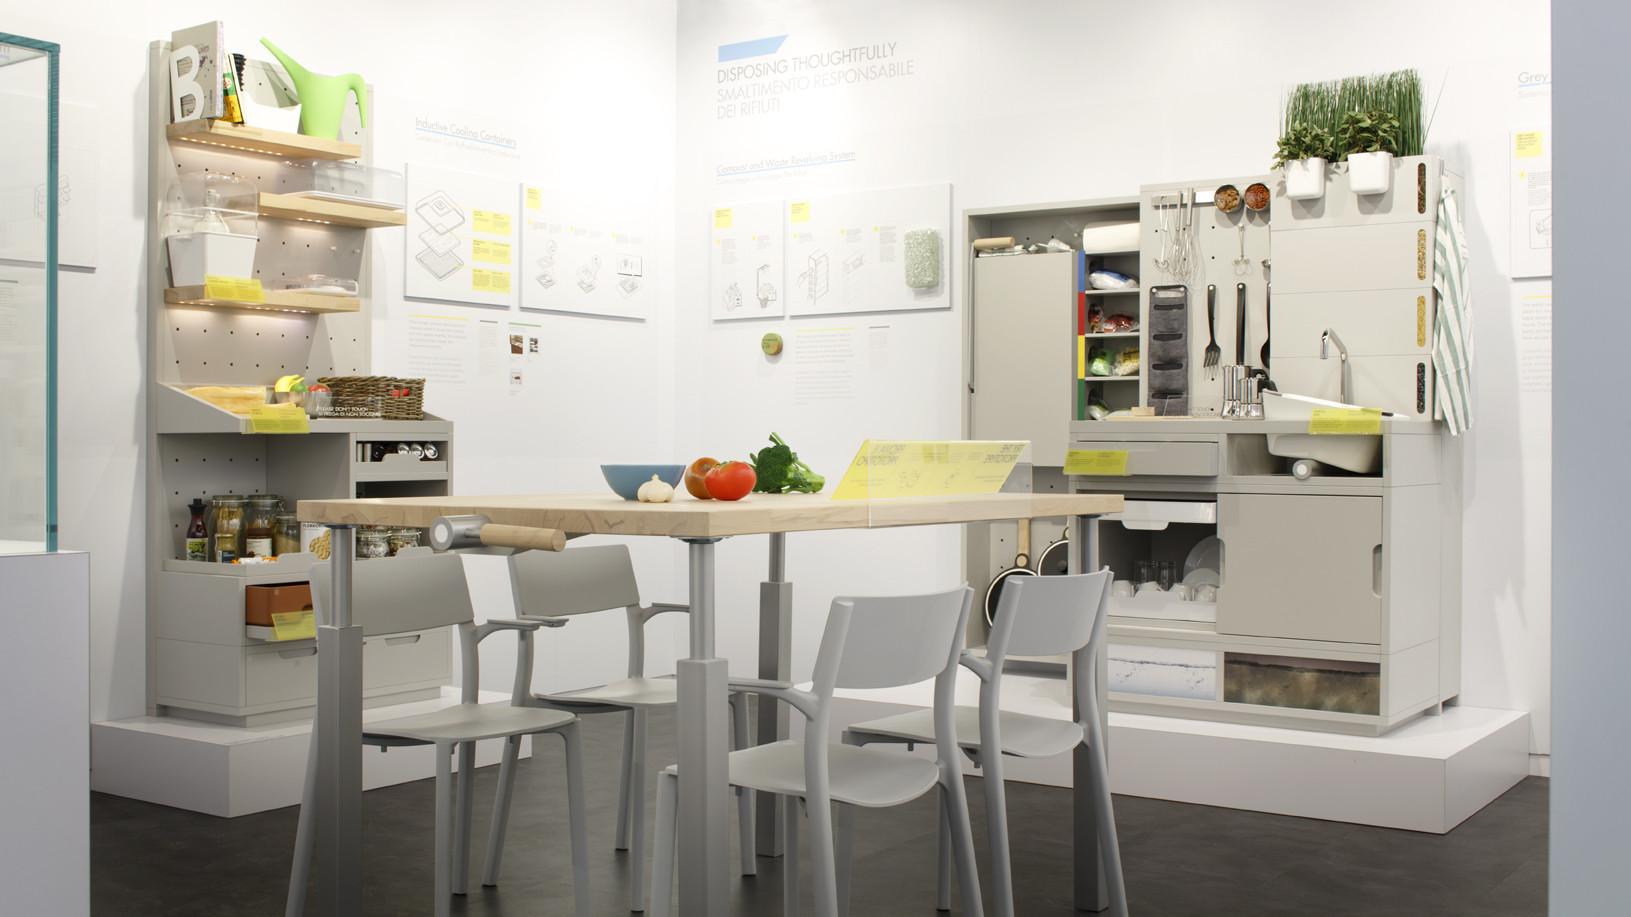 Ikeas Vision für die Küche der Zukunft | heise online